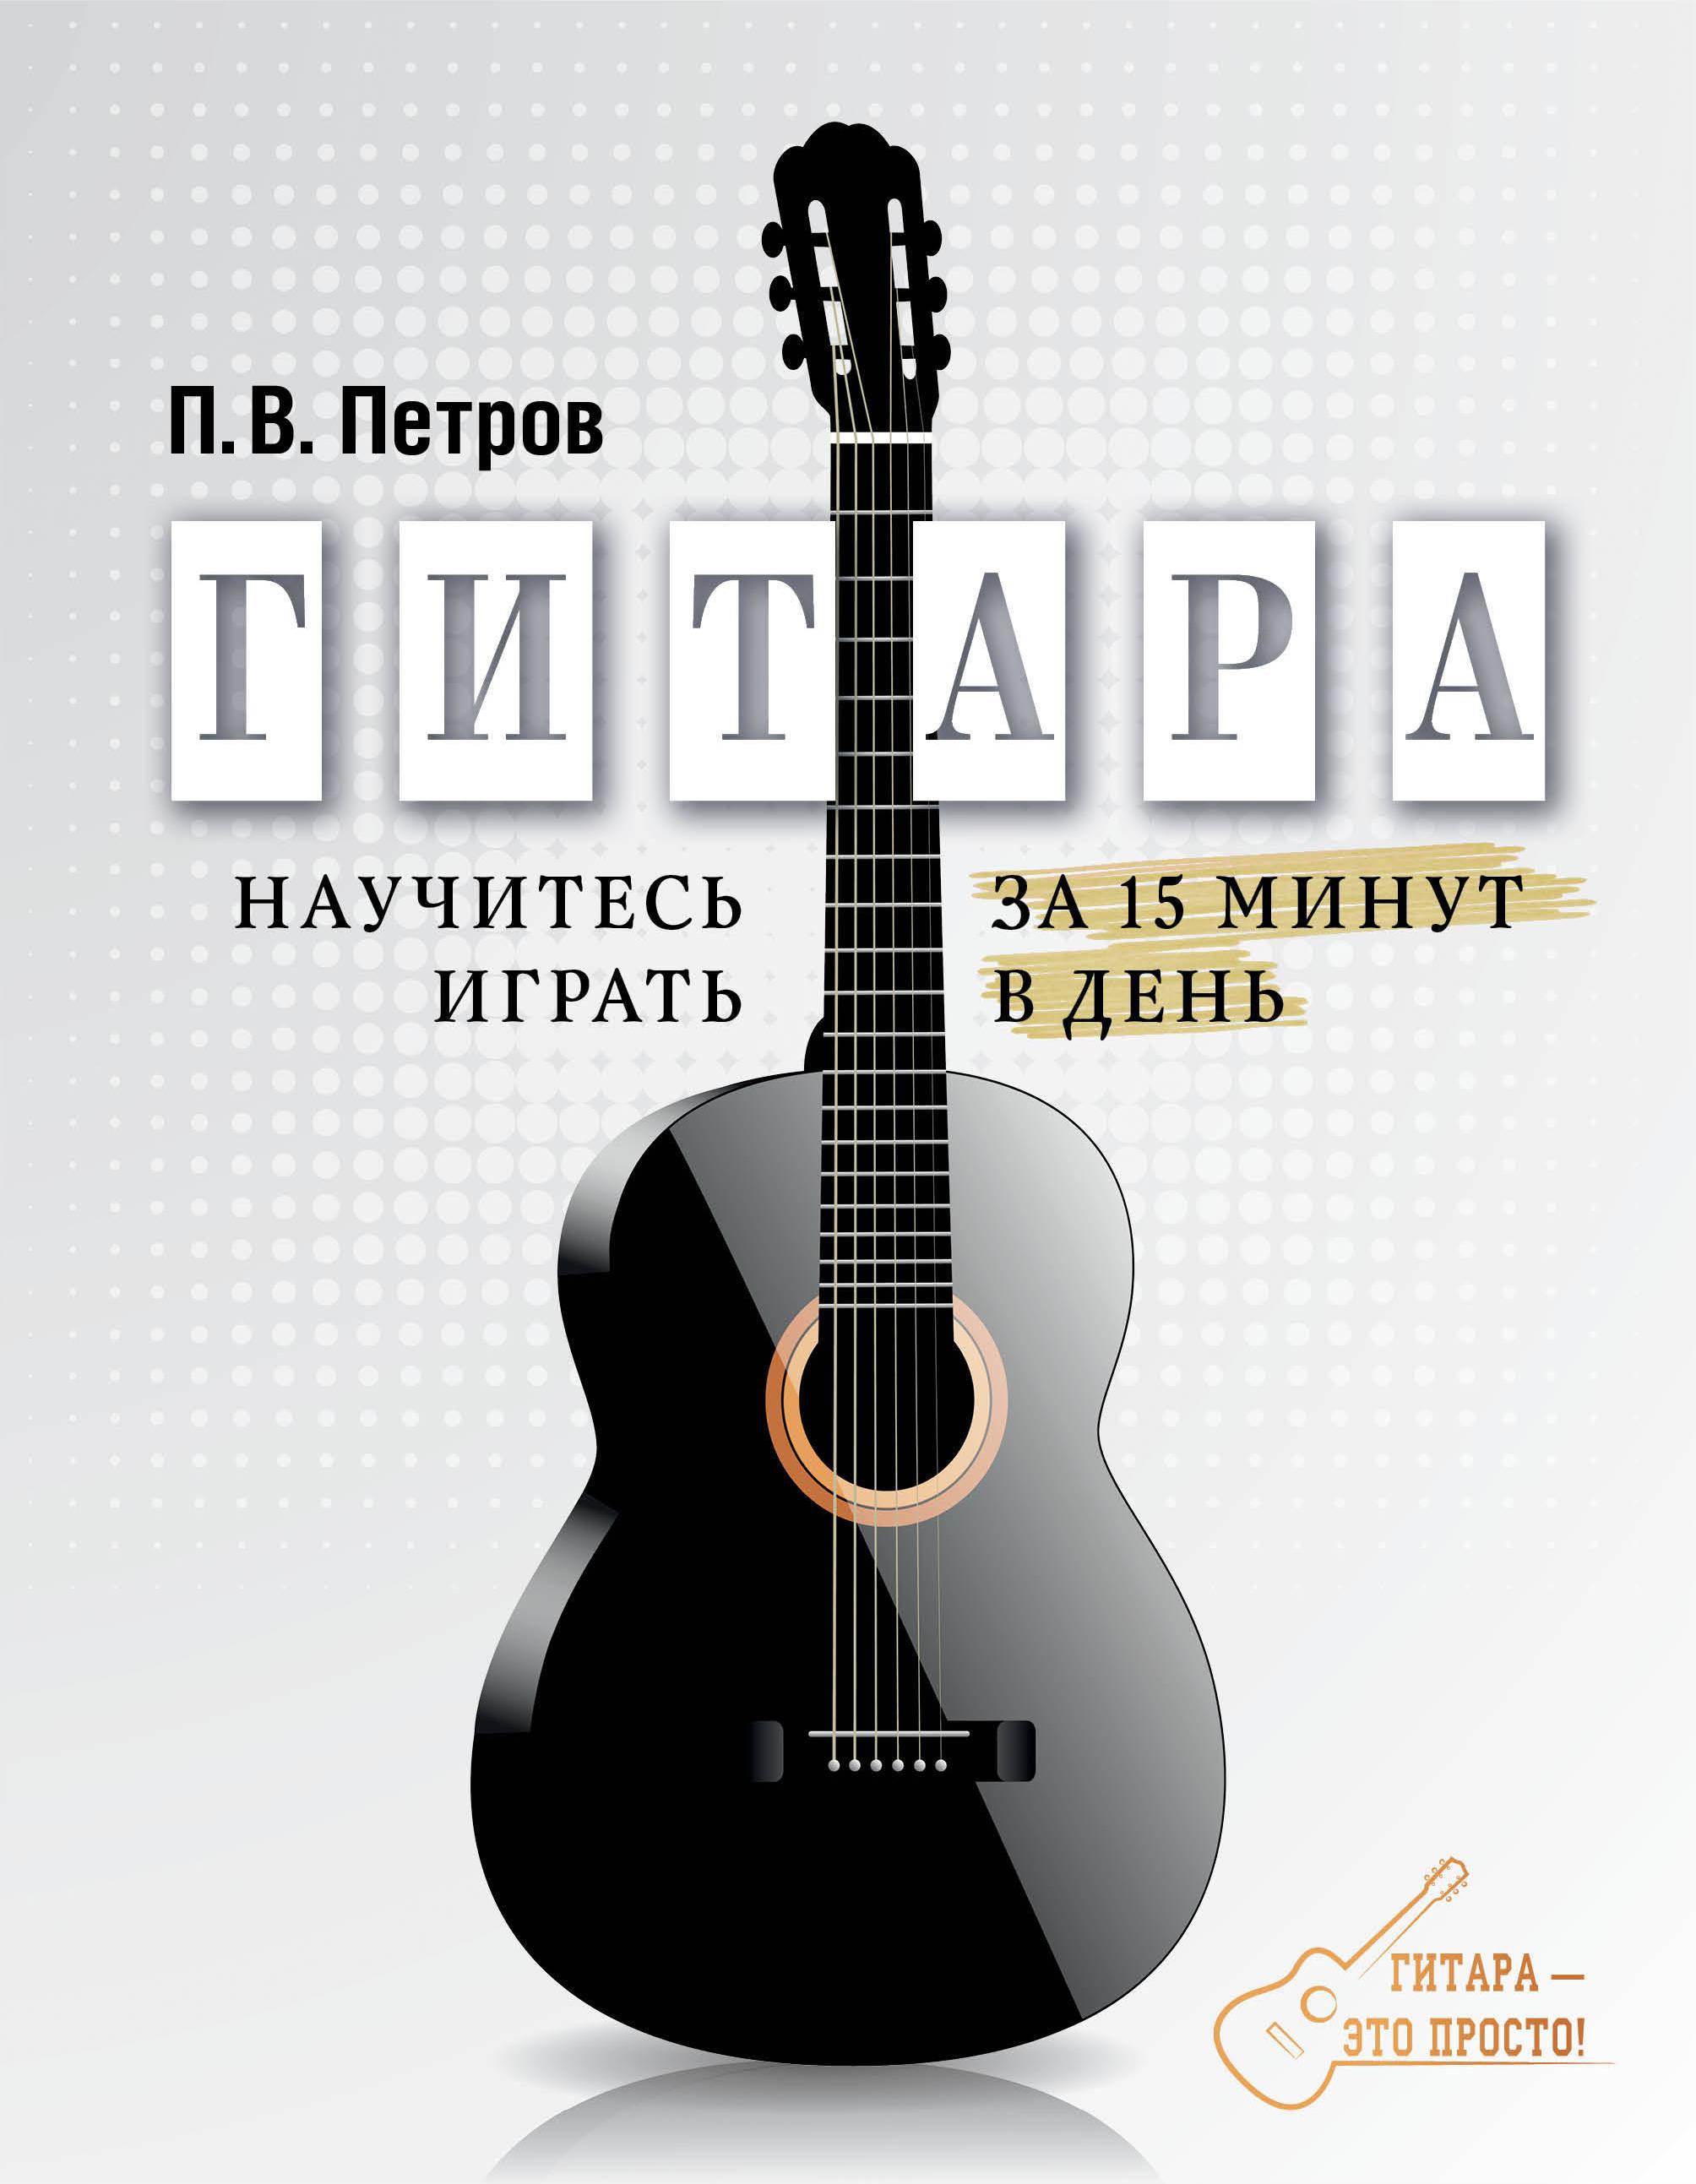 П. В. Петров Гитара. Научитесь играть за 15 минут в день петров п гитара самоучитель